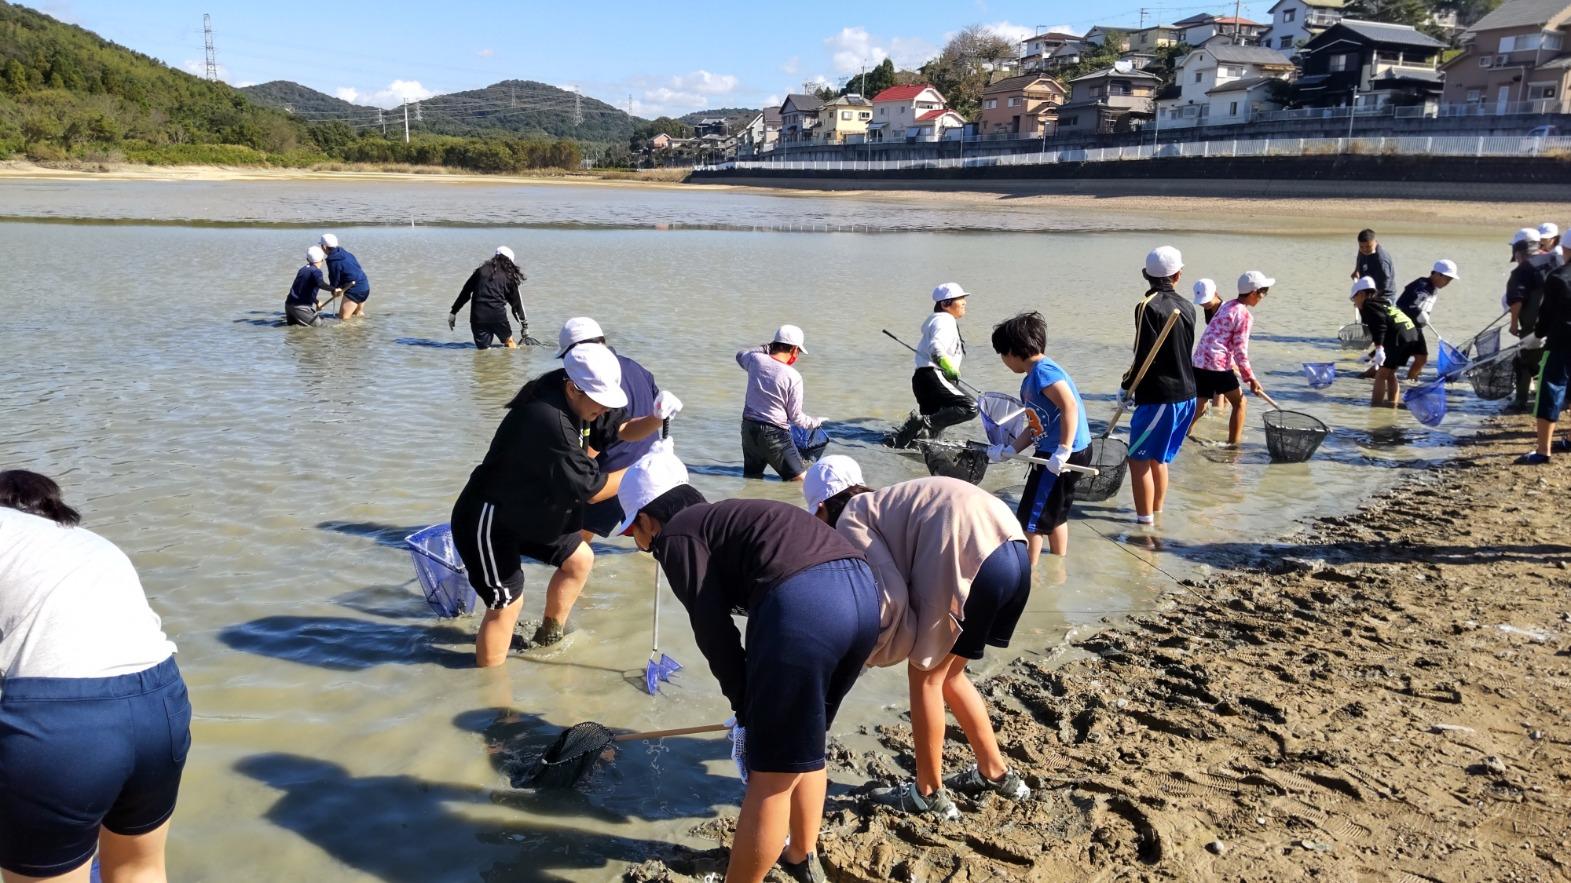 ❝ため池に入る。泥に入る。足をとられる。生き物を触る体験❞ 加古川市立上荘小学校 下池じゃことり体験:「ため池」ふるさと教育プログラムモデル支援事業